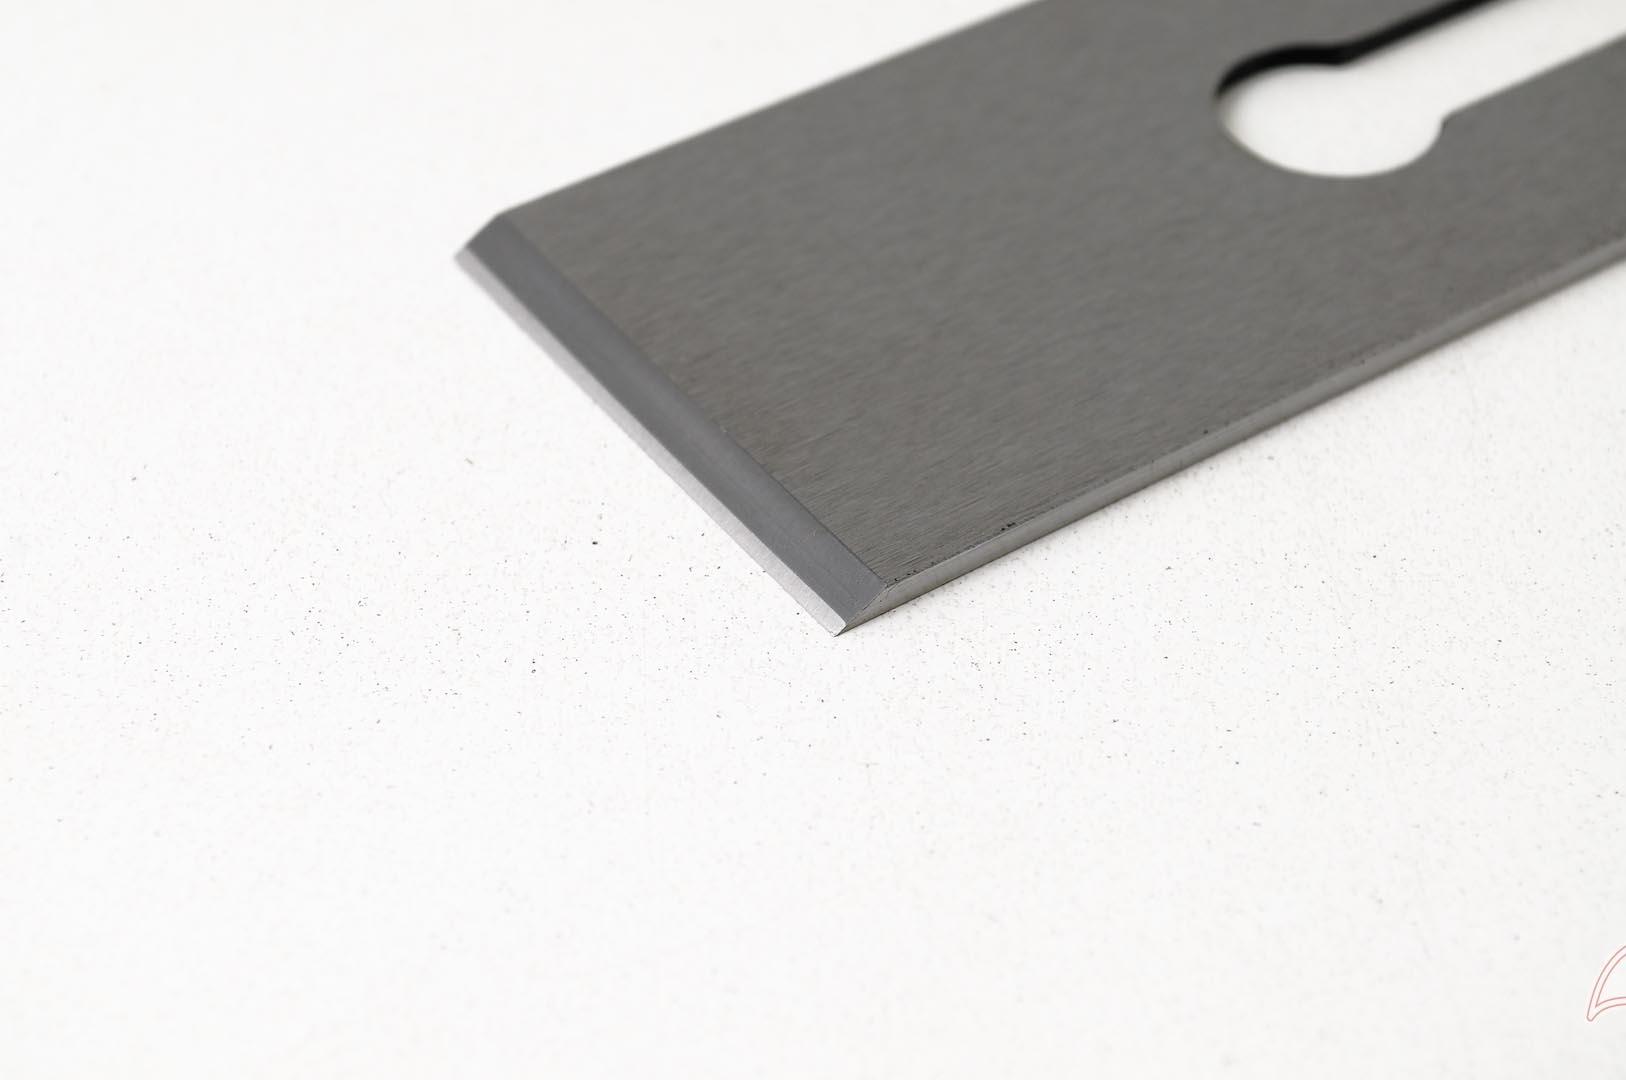 TsABS50-Cuchilla de cepillo #4, #5, 50mm acero laminado Aogami Blue Super TsABS50-max-2.